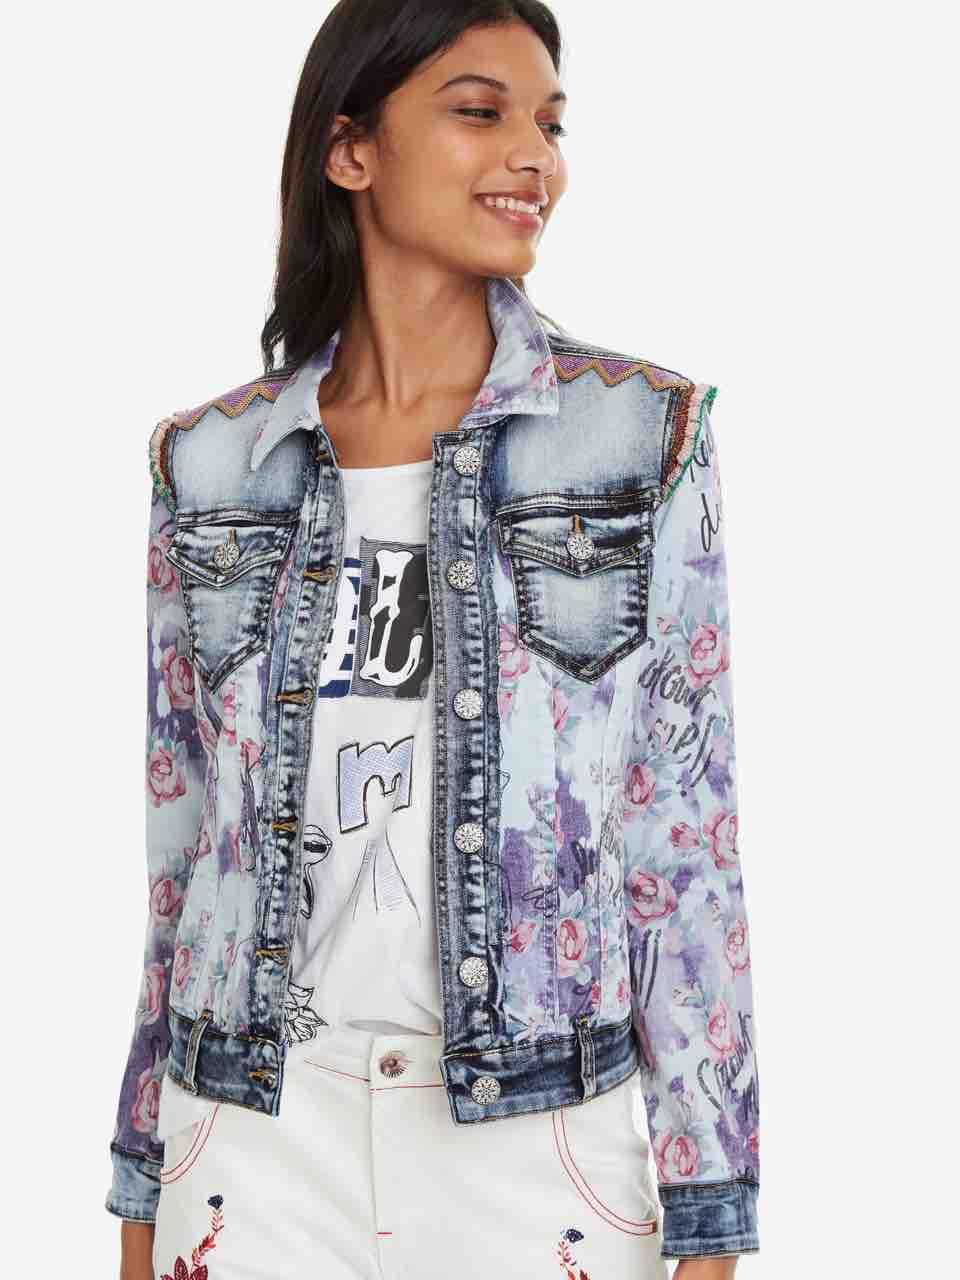 8951ec52f63 DESIGUAL Denim Jacket ROSES Floral 19SWED31 Summer 2019